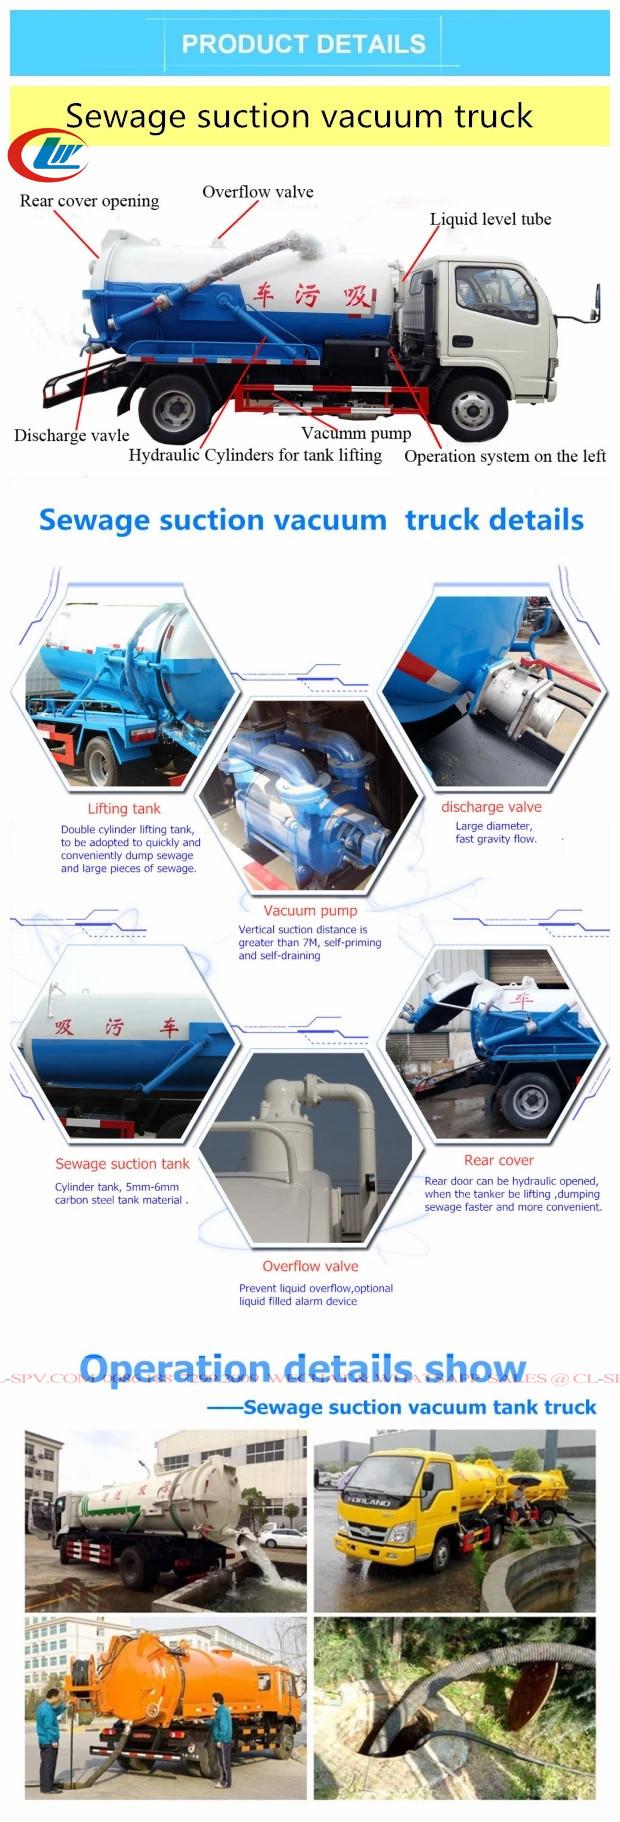 Detalles del camión de residuos de aguas residuales al vacío de Howo